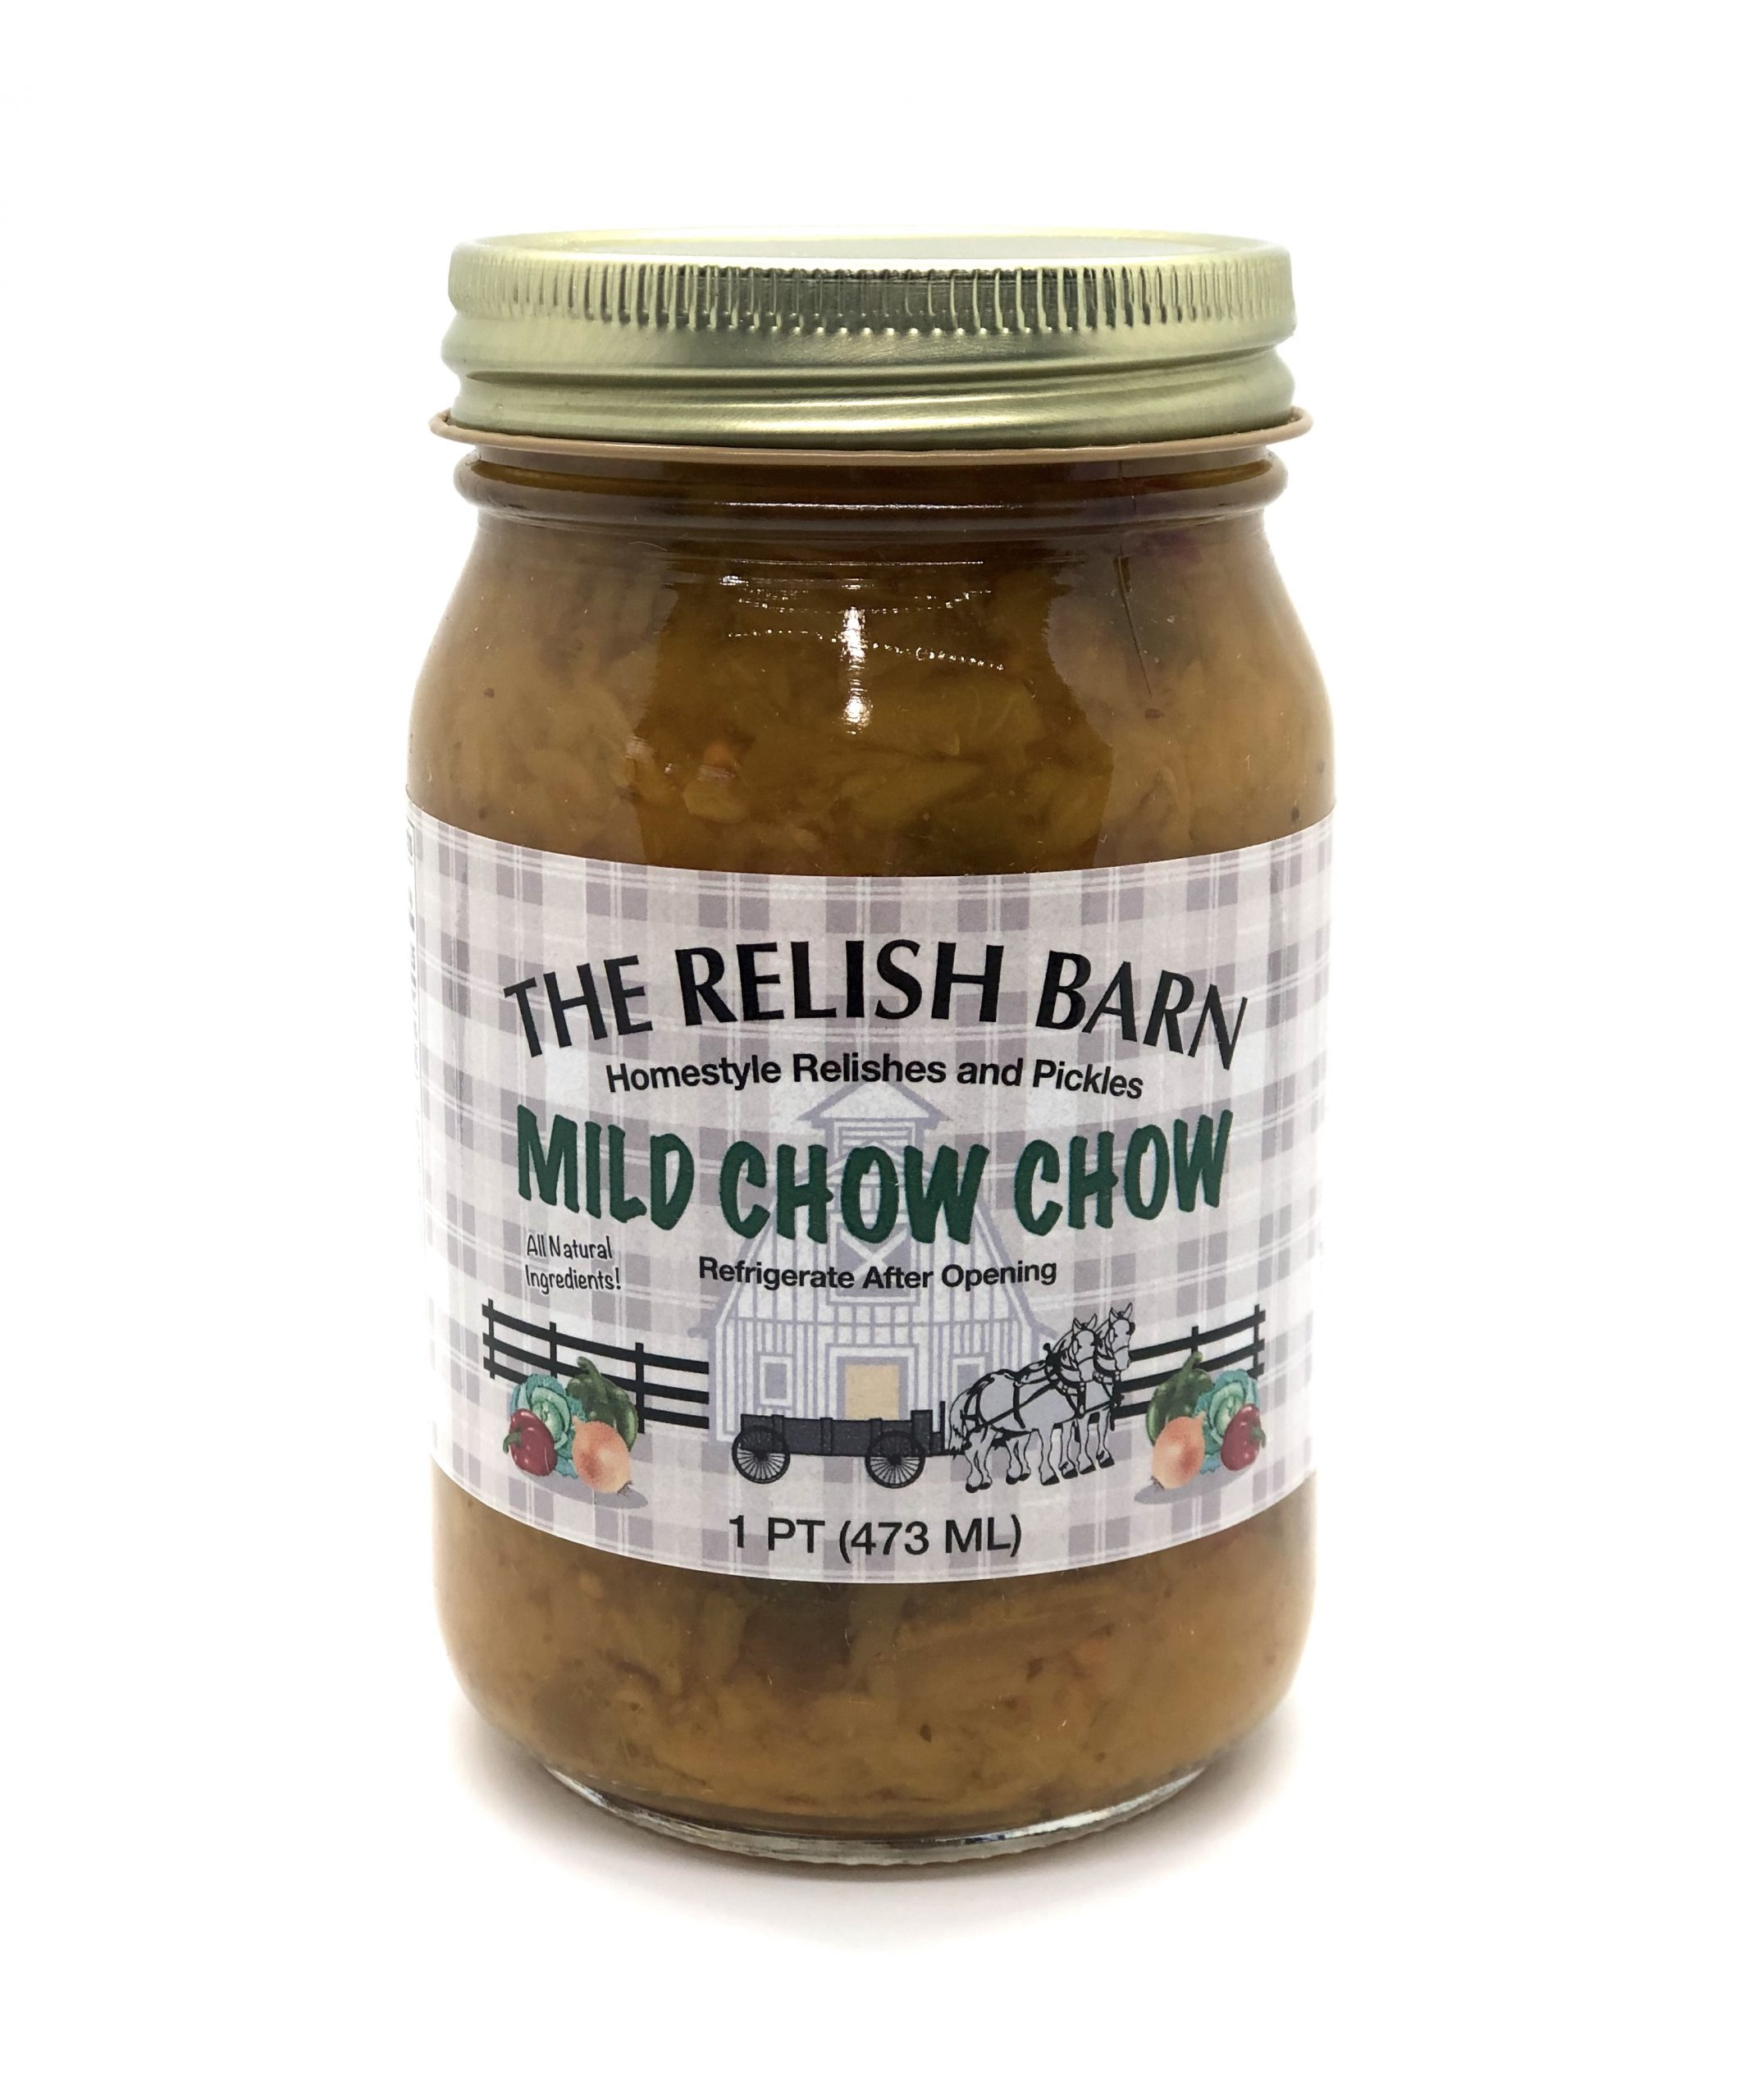 Mild Chow Chow